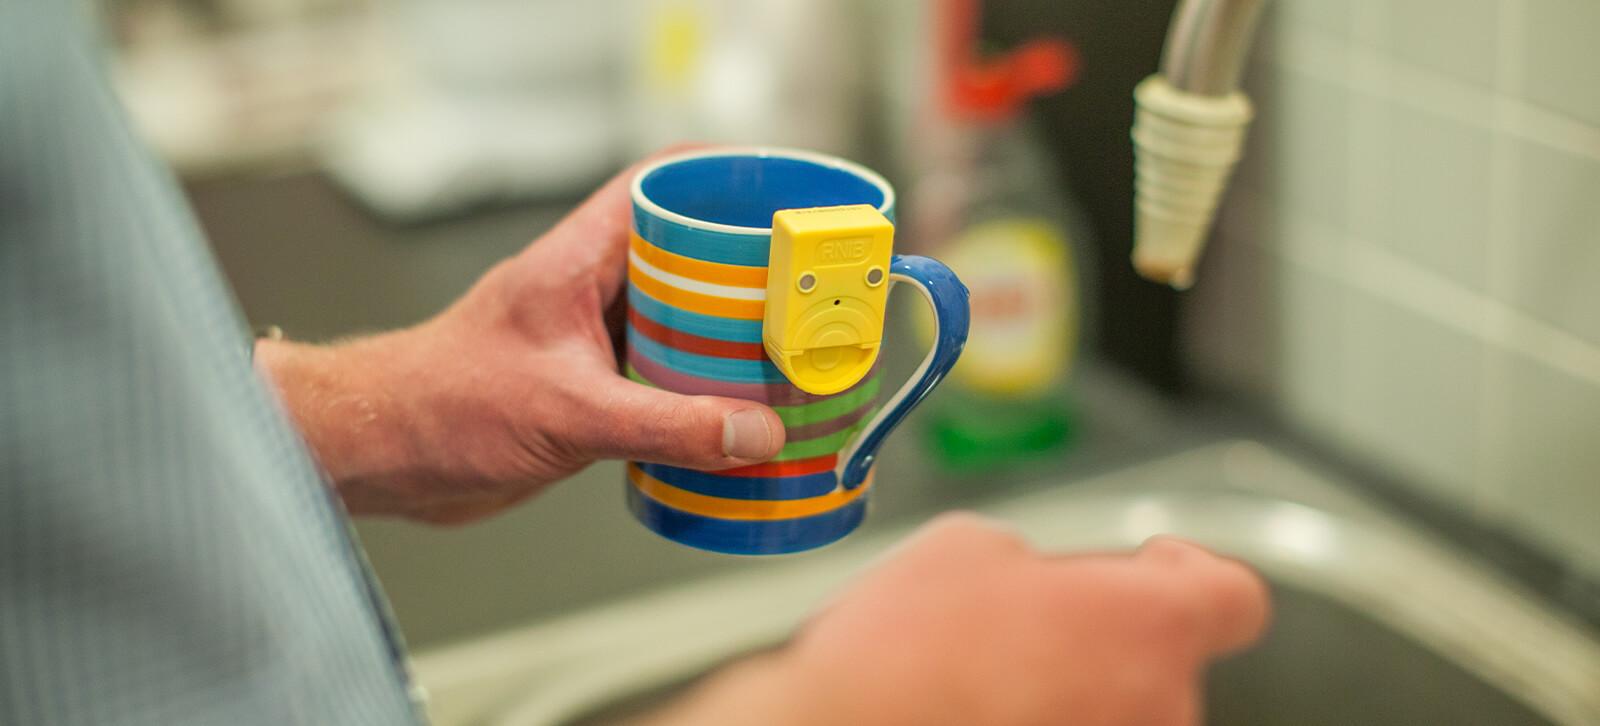 Someone holding a mug with a sensor on the side